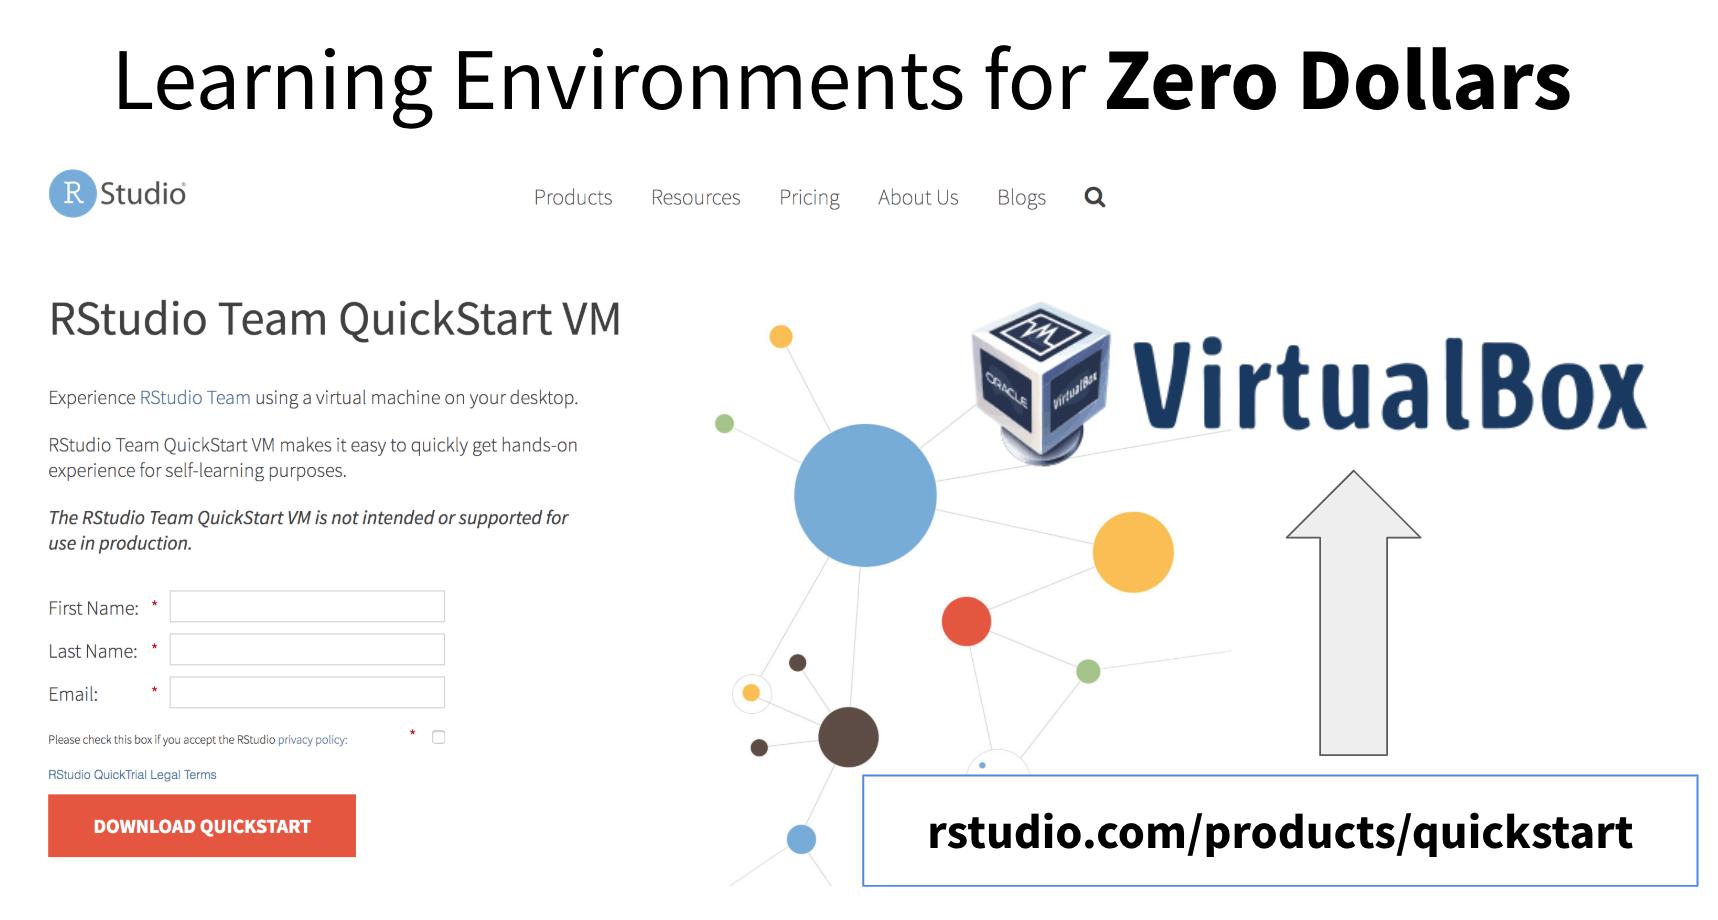 RStudio Team QuickStart VM